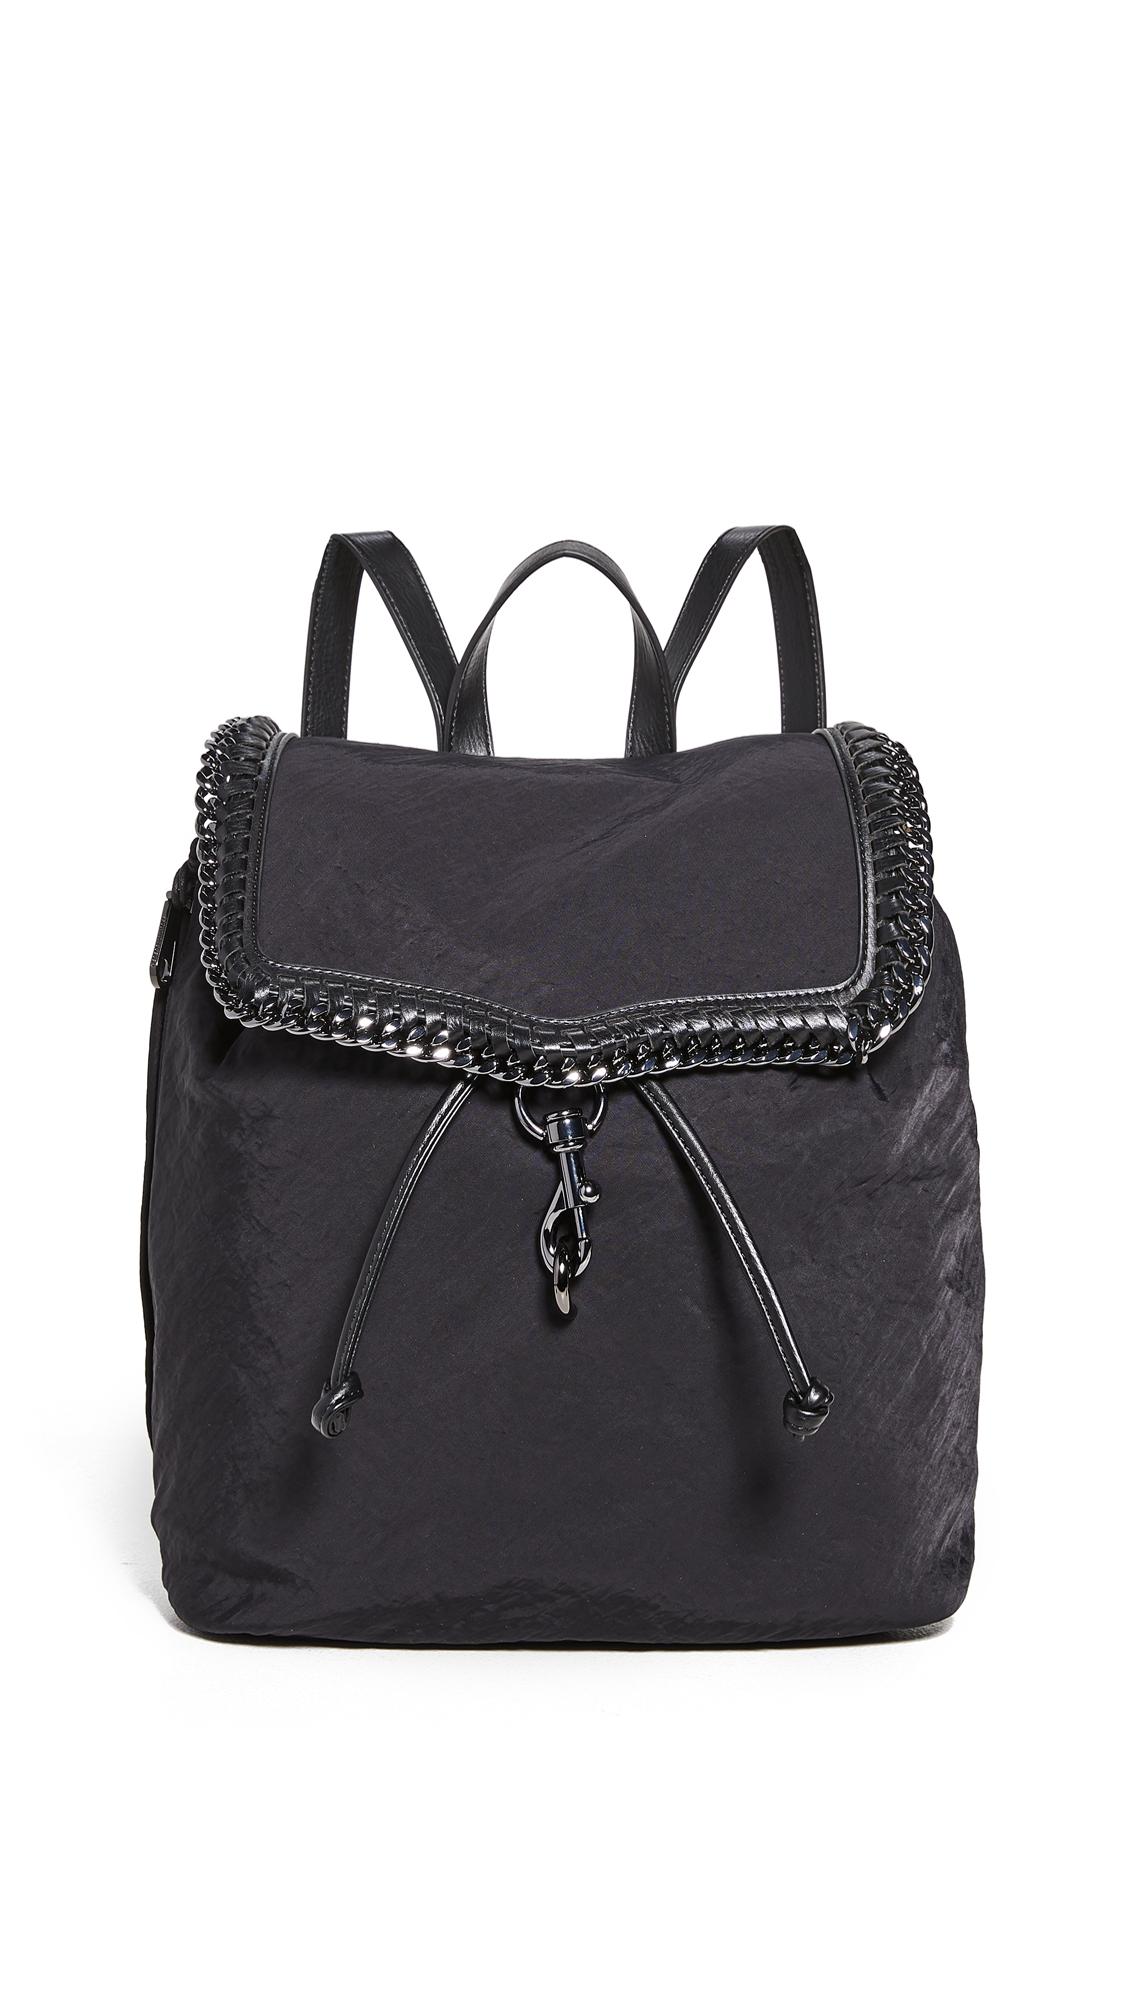 Rebecca Minkoff Woven Chain Backpack